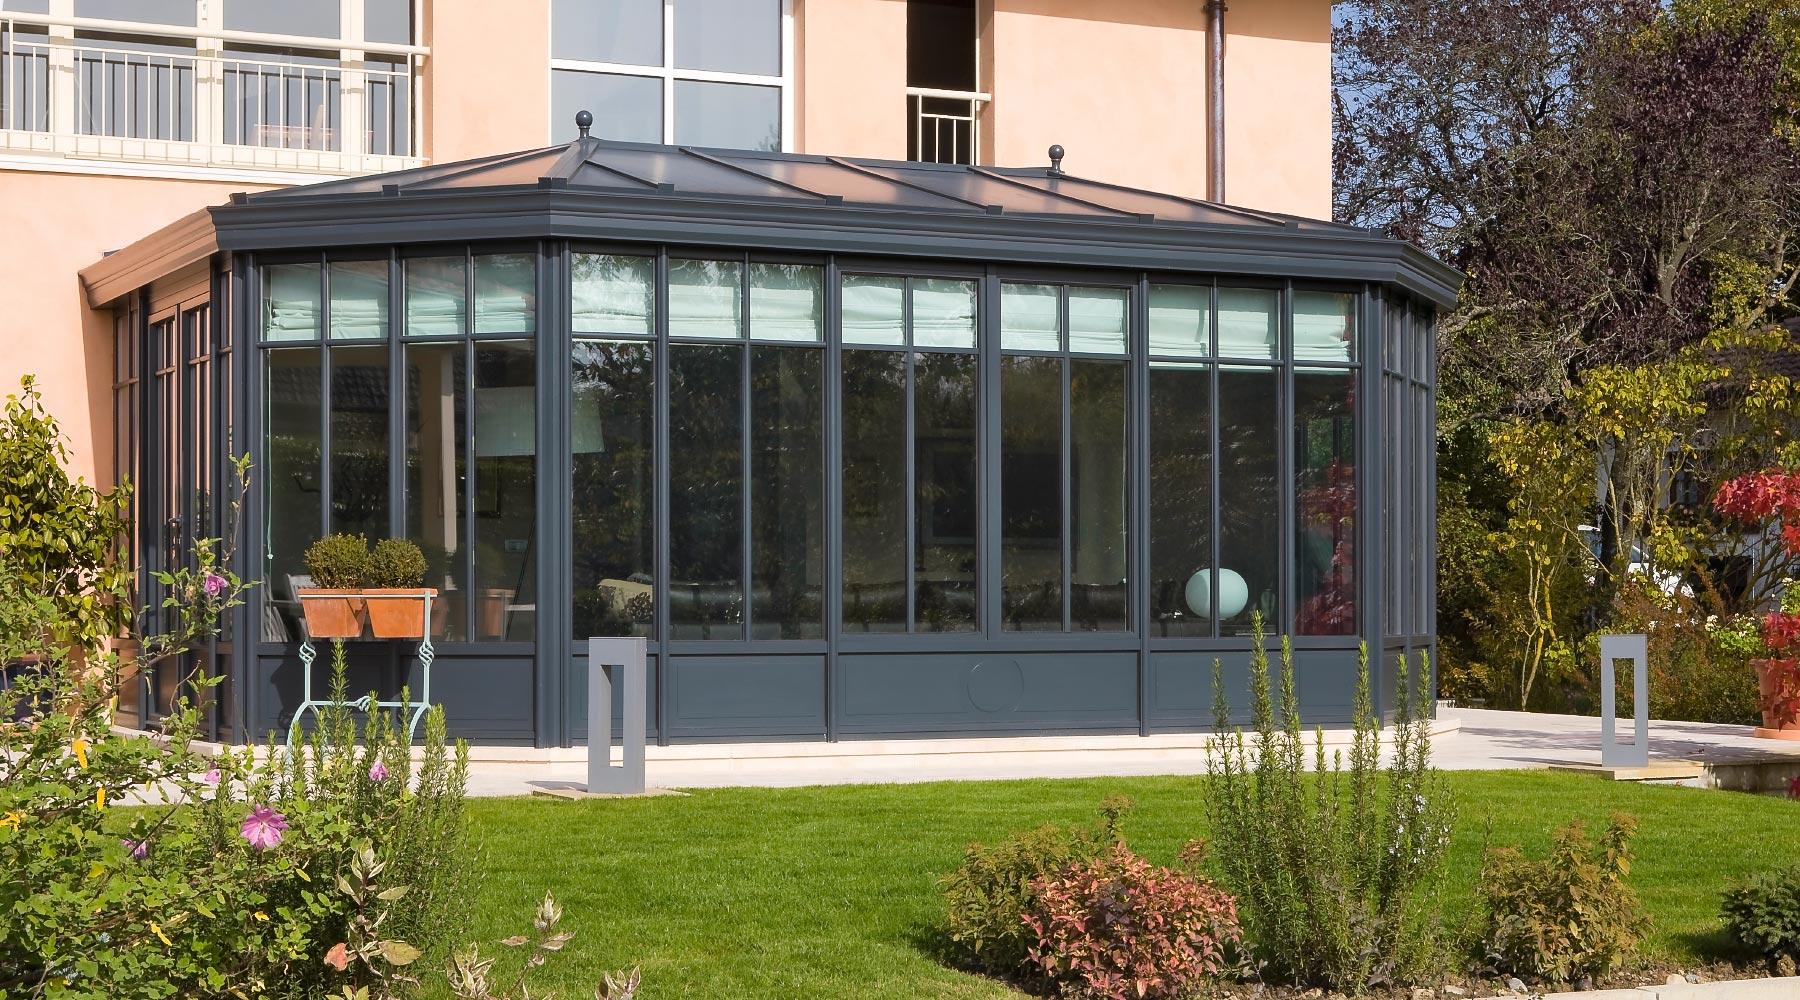 Keller Wintergarten wohnraumerweiterungen und wintergarten keller glasshouse